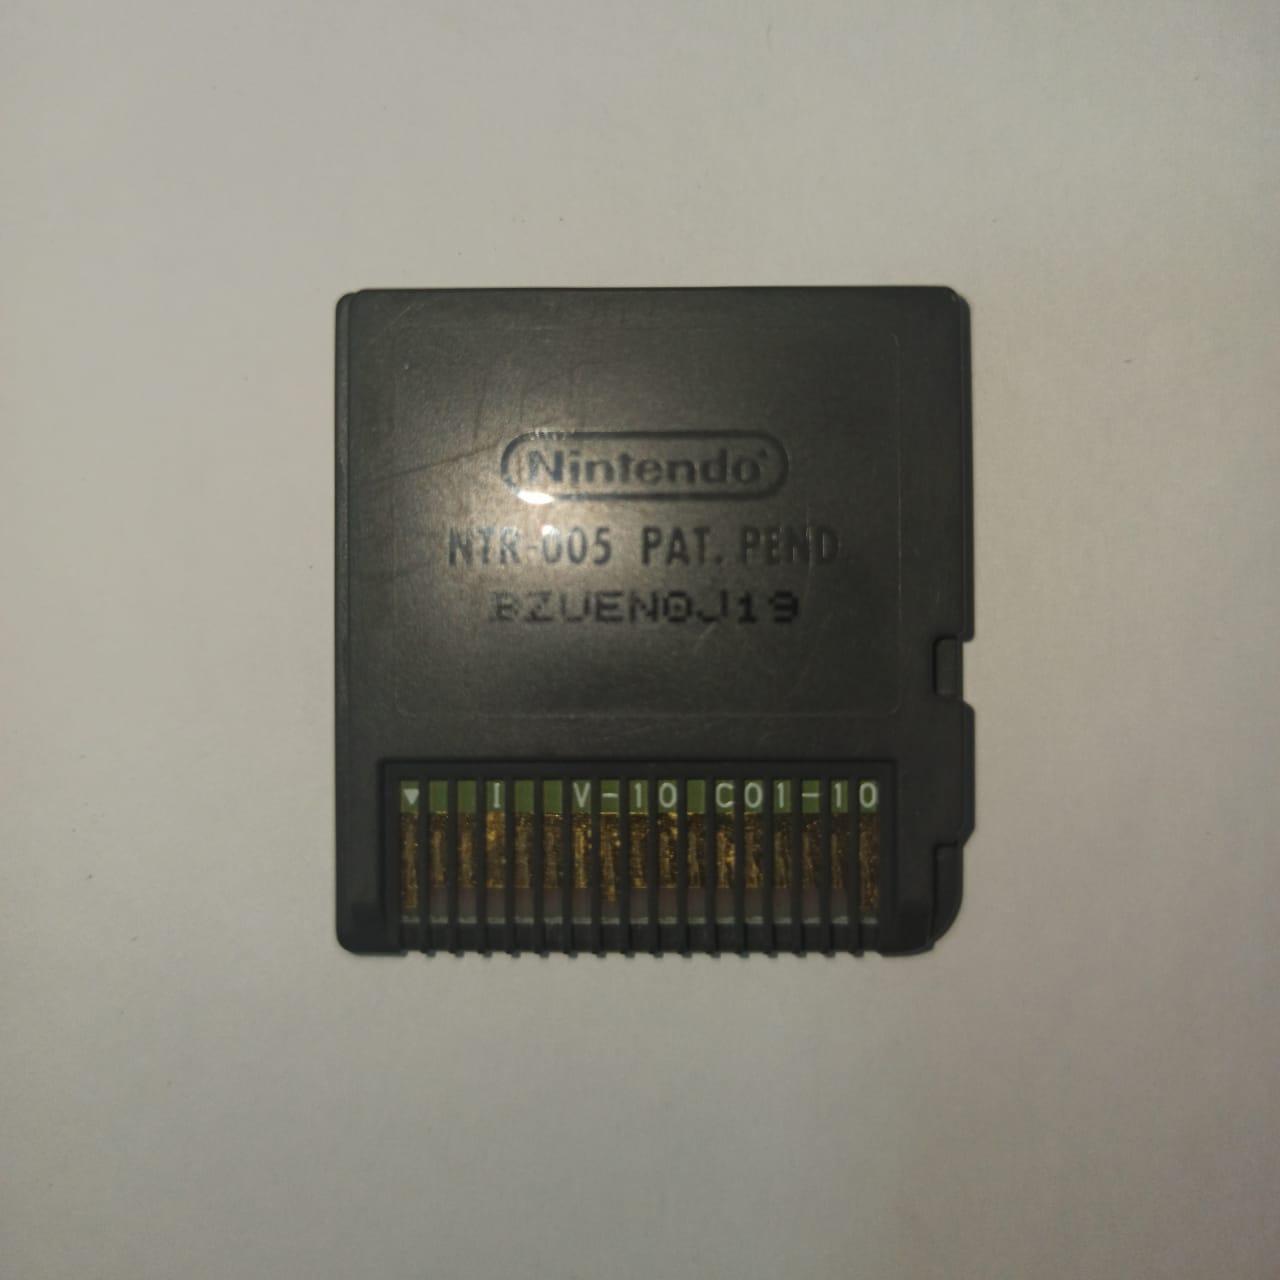 The Smurfs - Usado - Nintendo DS